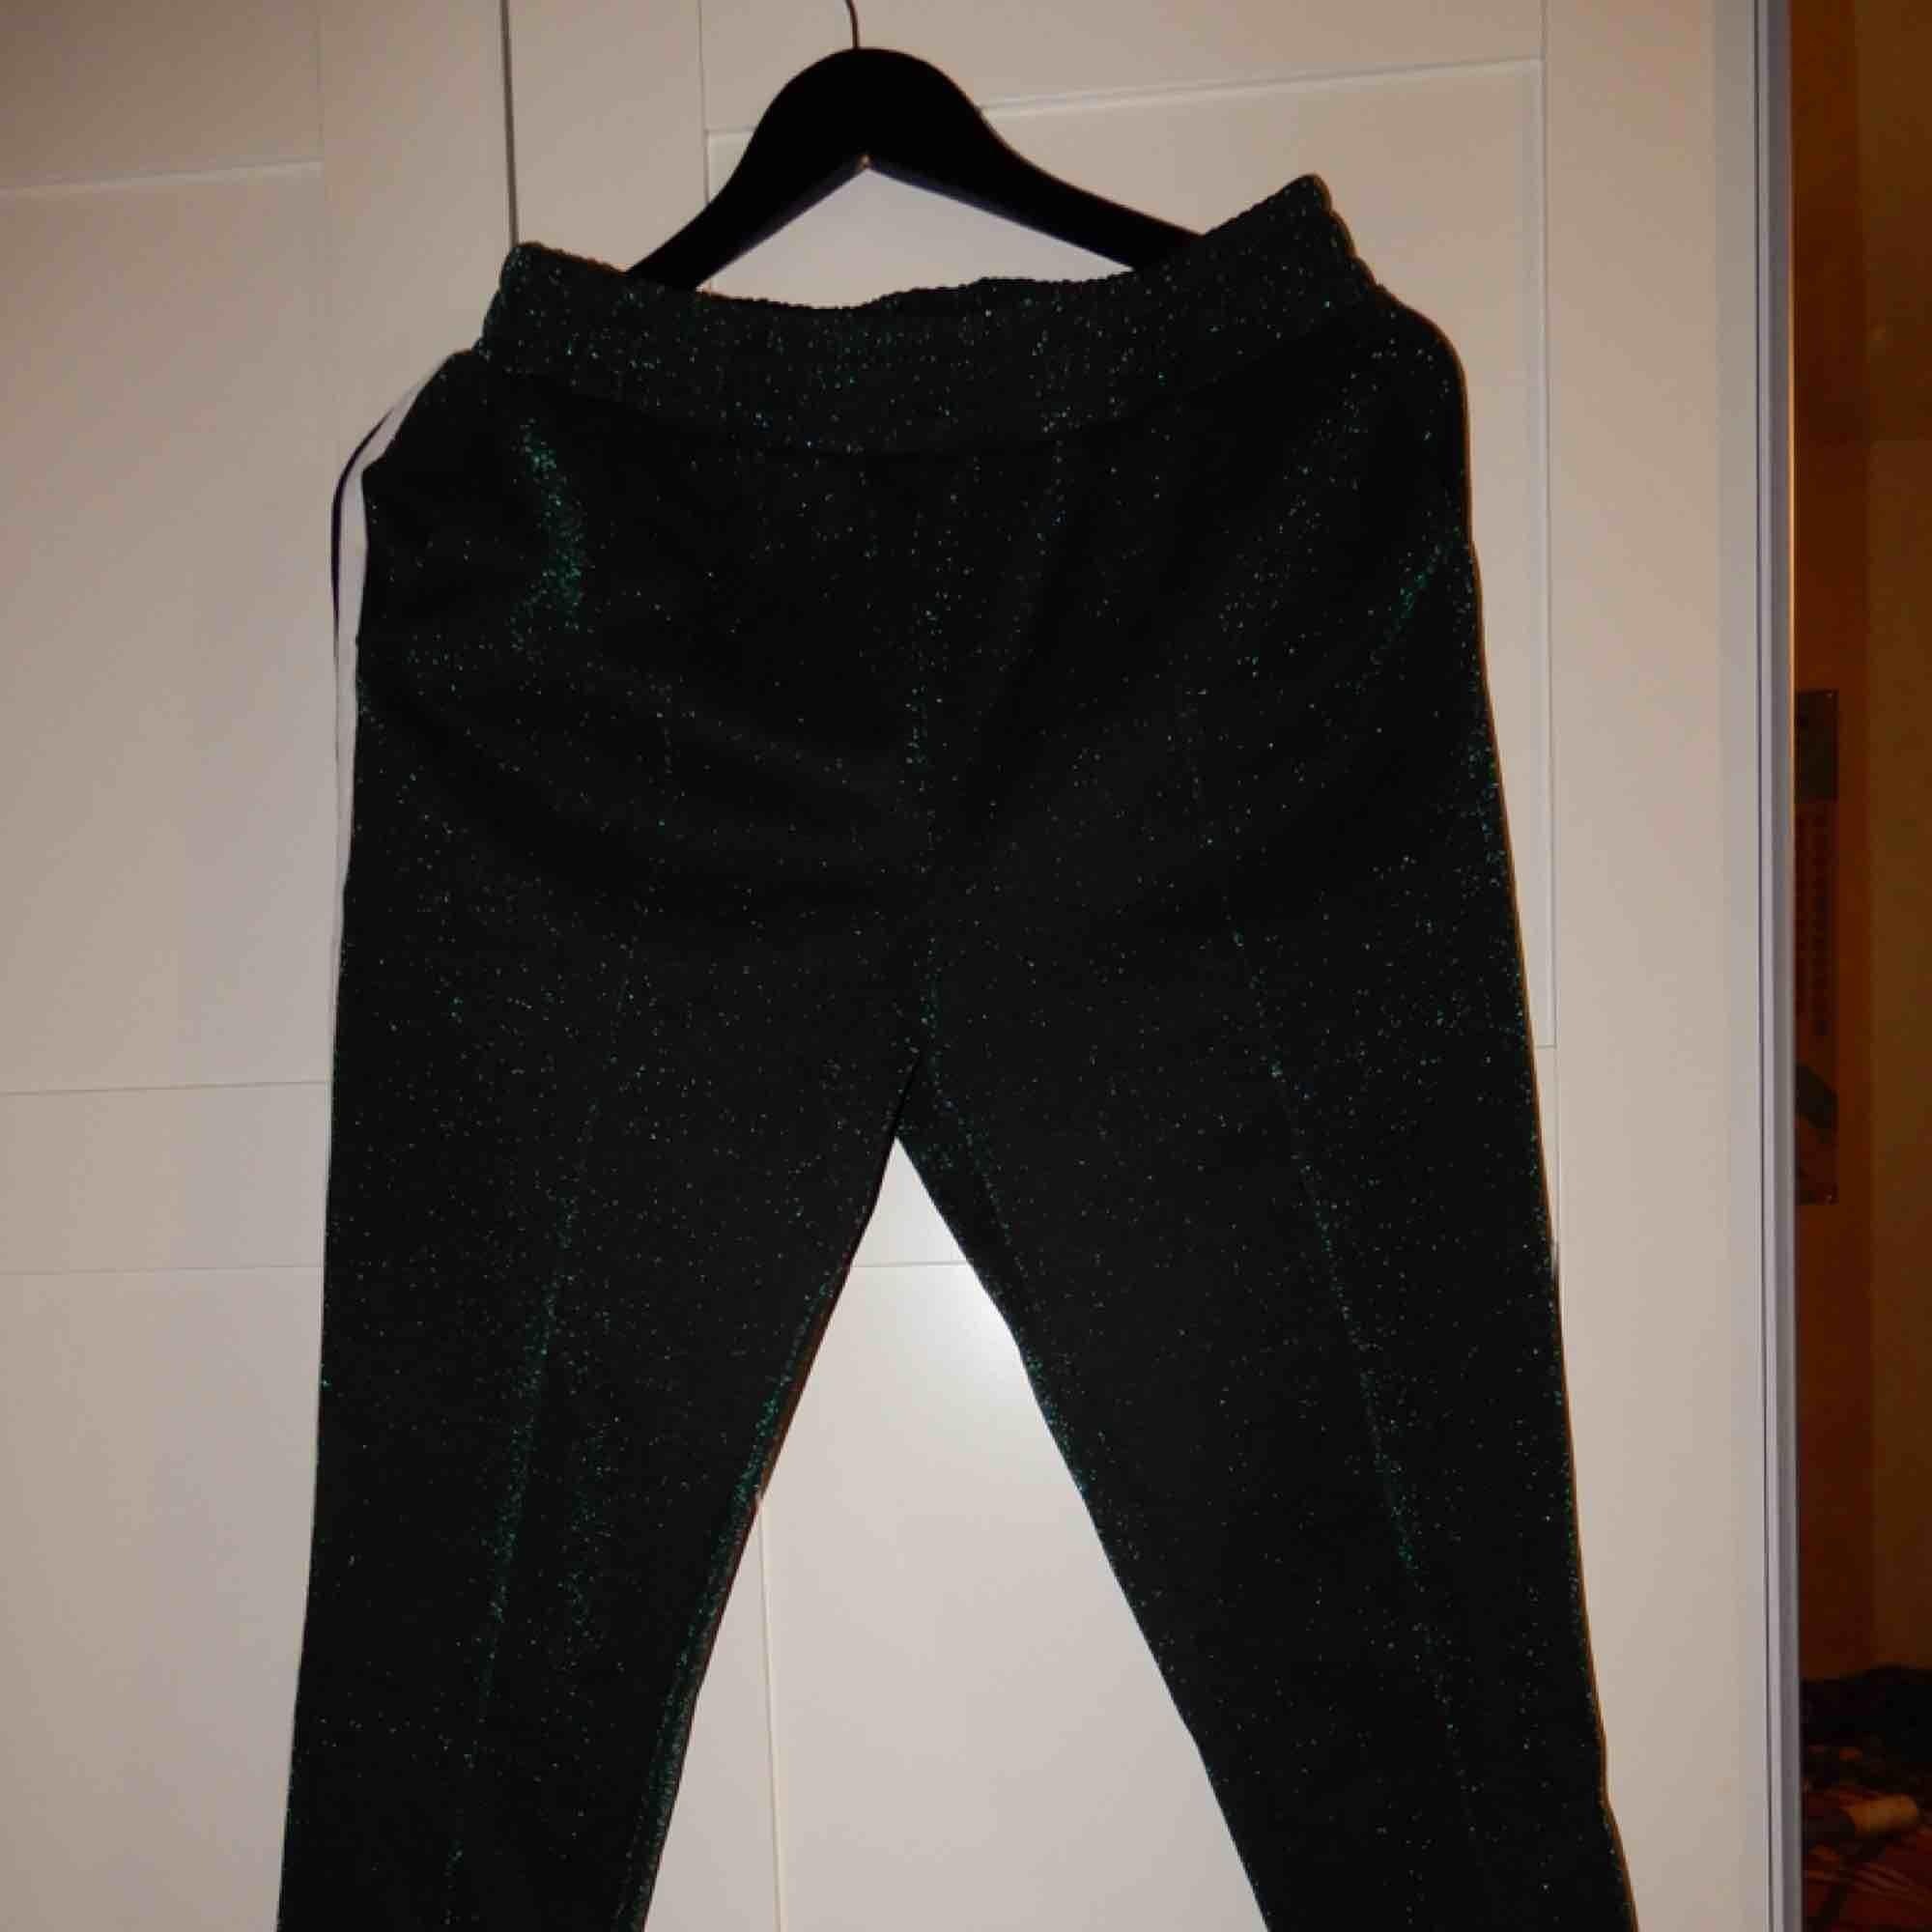 Gröna glittriga byxor med en svartvit rand på sidan, i streschigt material, som sköna kostymbyxor !! Storlek M, endast använda 1 gång. Köpta på Design Only från märket Neo Noir. Jeans & Byxor.